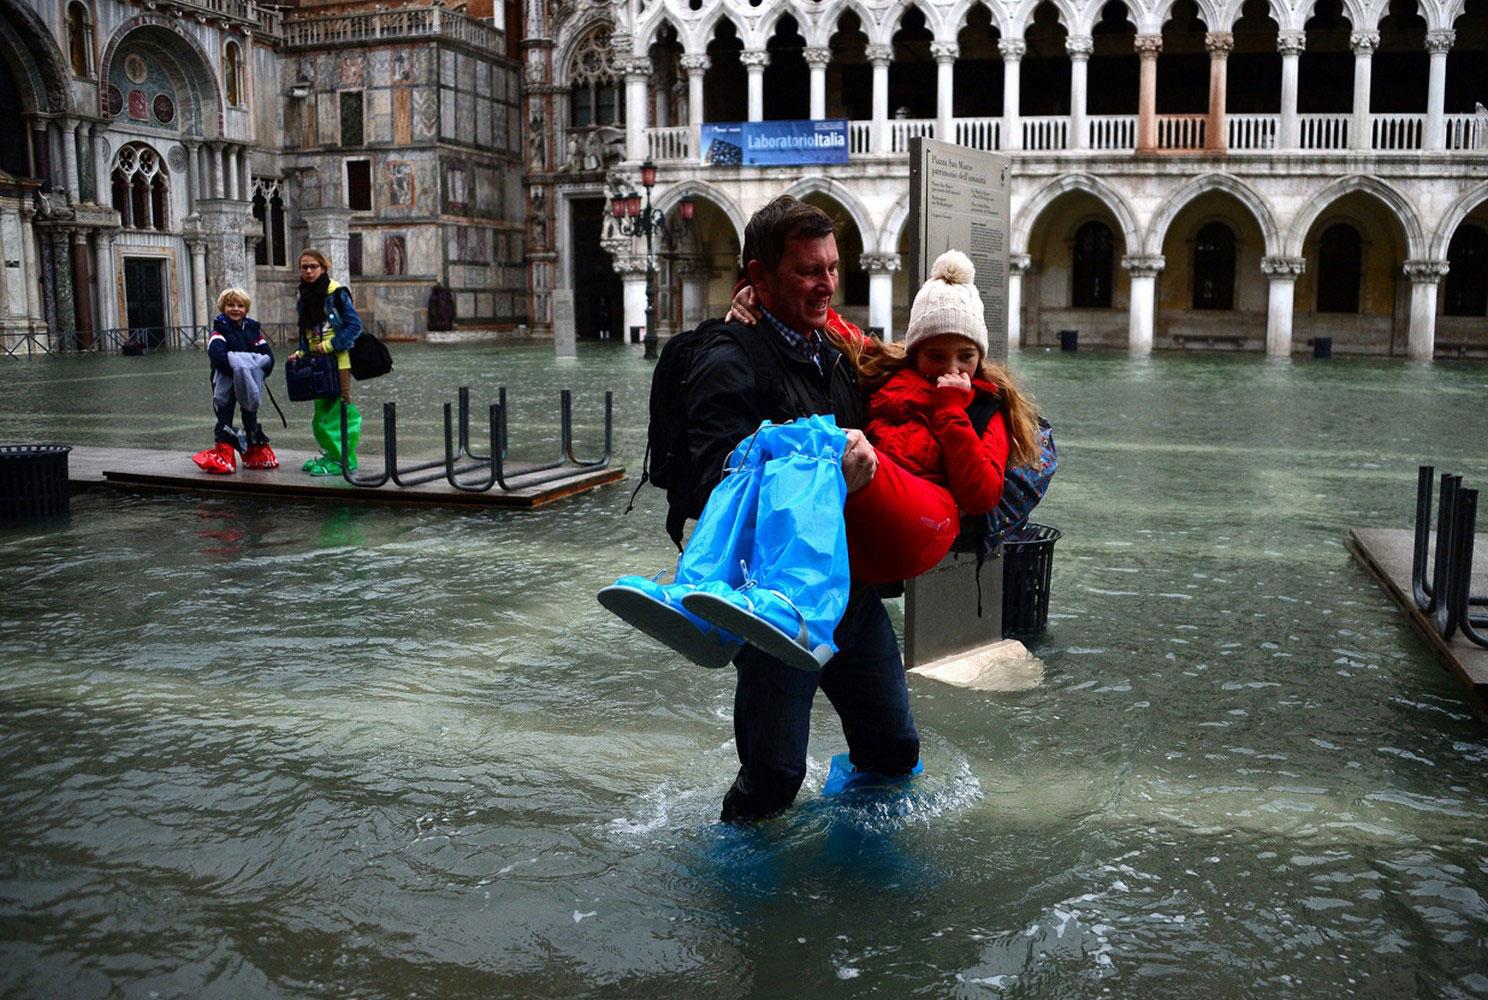 мужчина с девочкой на затопленной площади Италии, фото